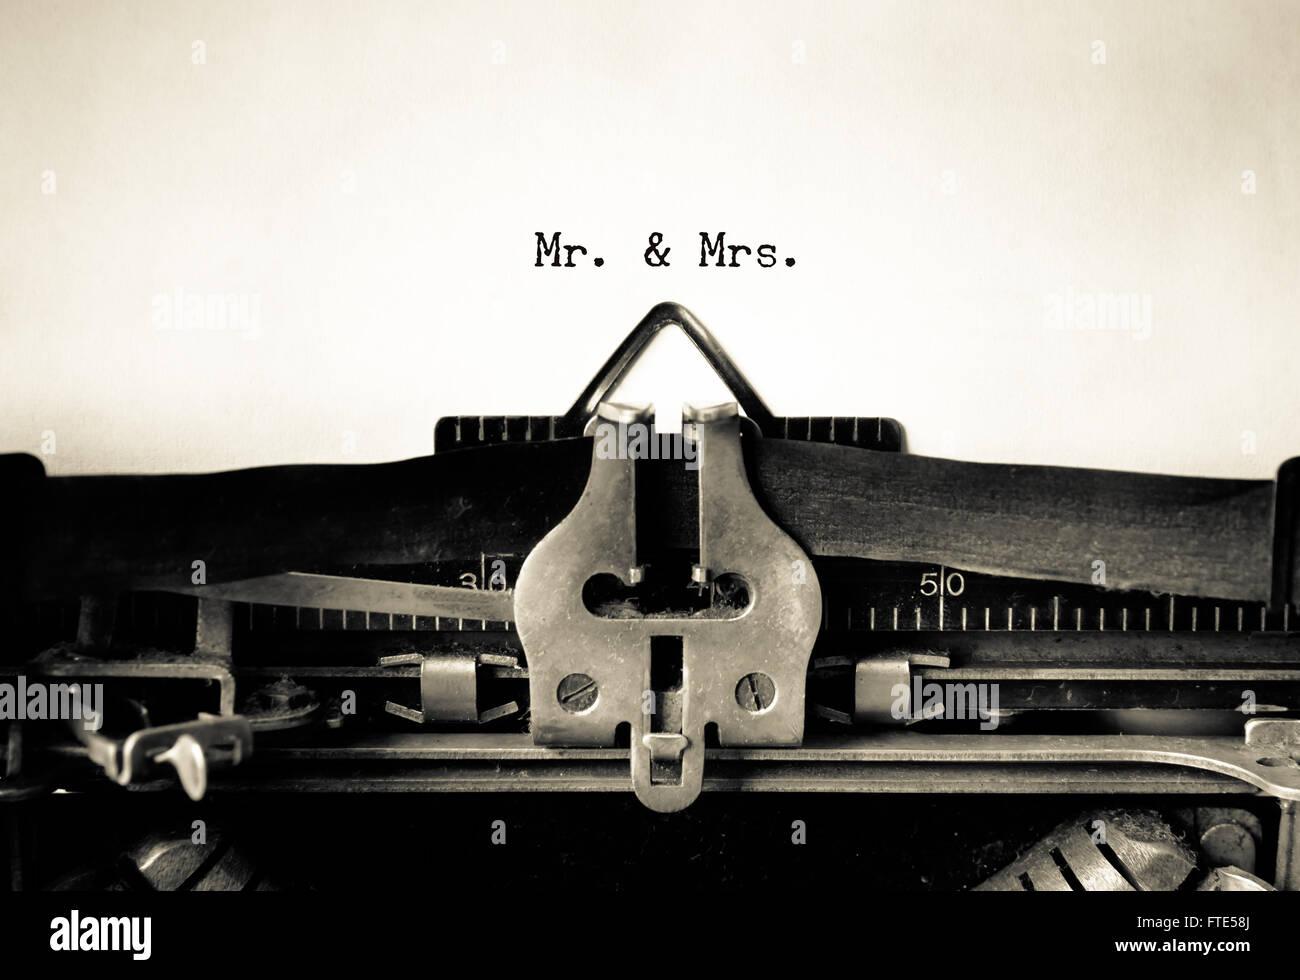 Mr & Mrs palabras mecanografiadas en una máquina de escribir vintage Imagen De Stock